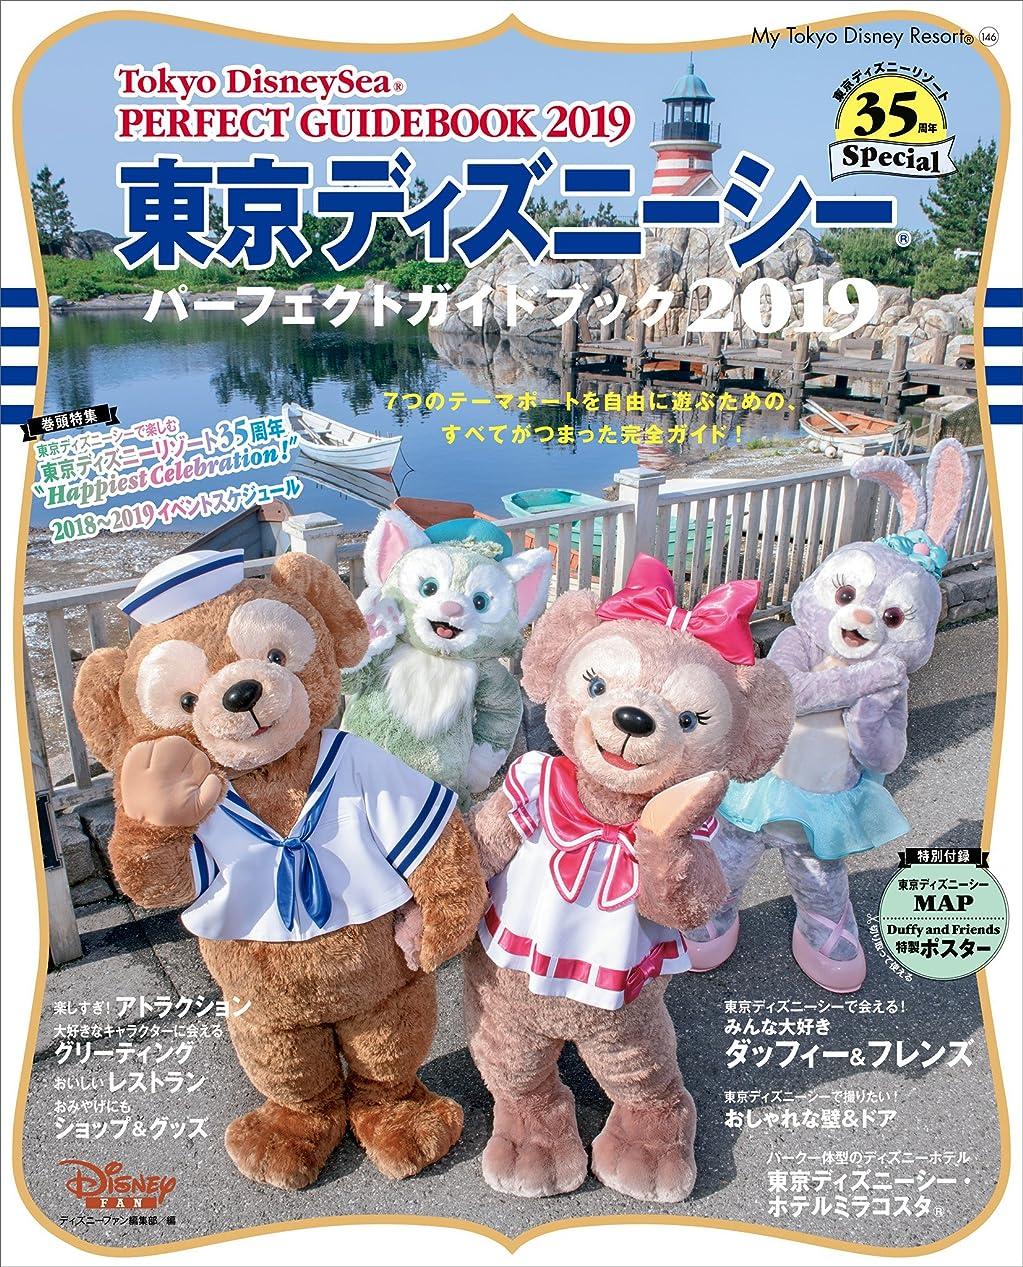 物思いにふける署名量東京ディズニーシー パーフェクトガイドブック 2019 東京ディズニーリゾート35周年Special (My Tokyo Disney Resort)